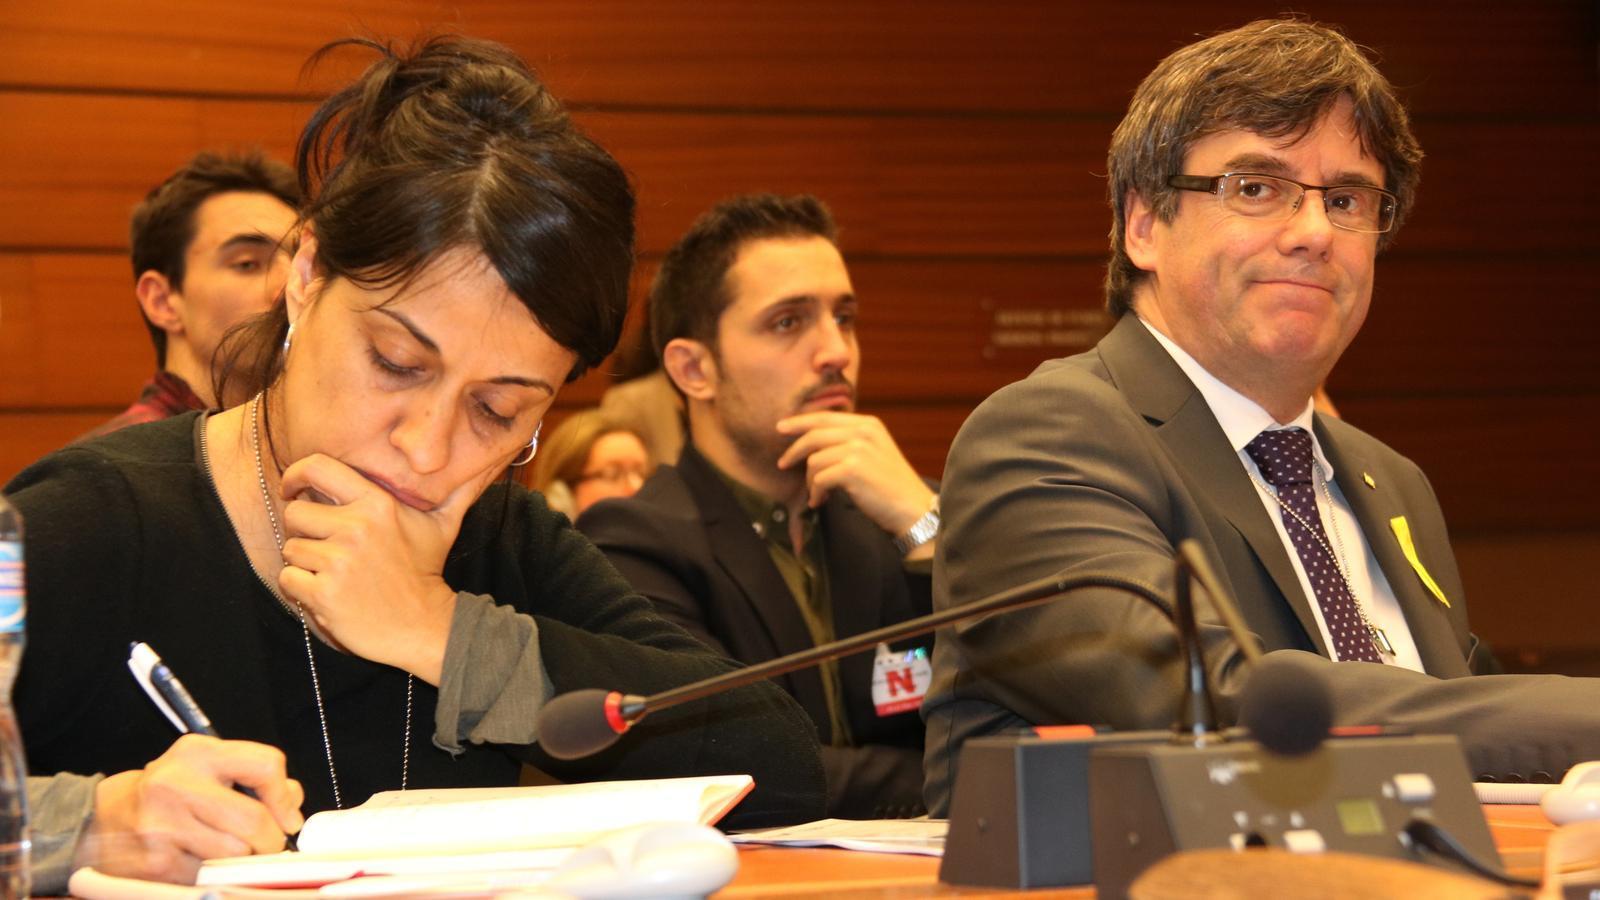 Els presos, el veto del Suprem a Sànchez i la violència policial de l'1-O centren l'acte de denúncia a la ONU